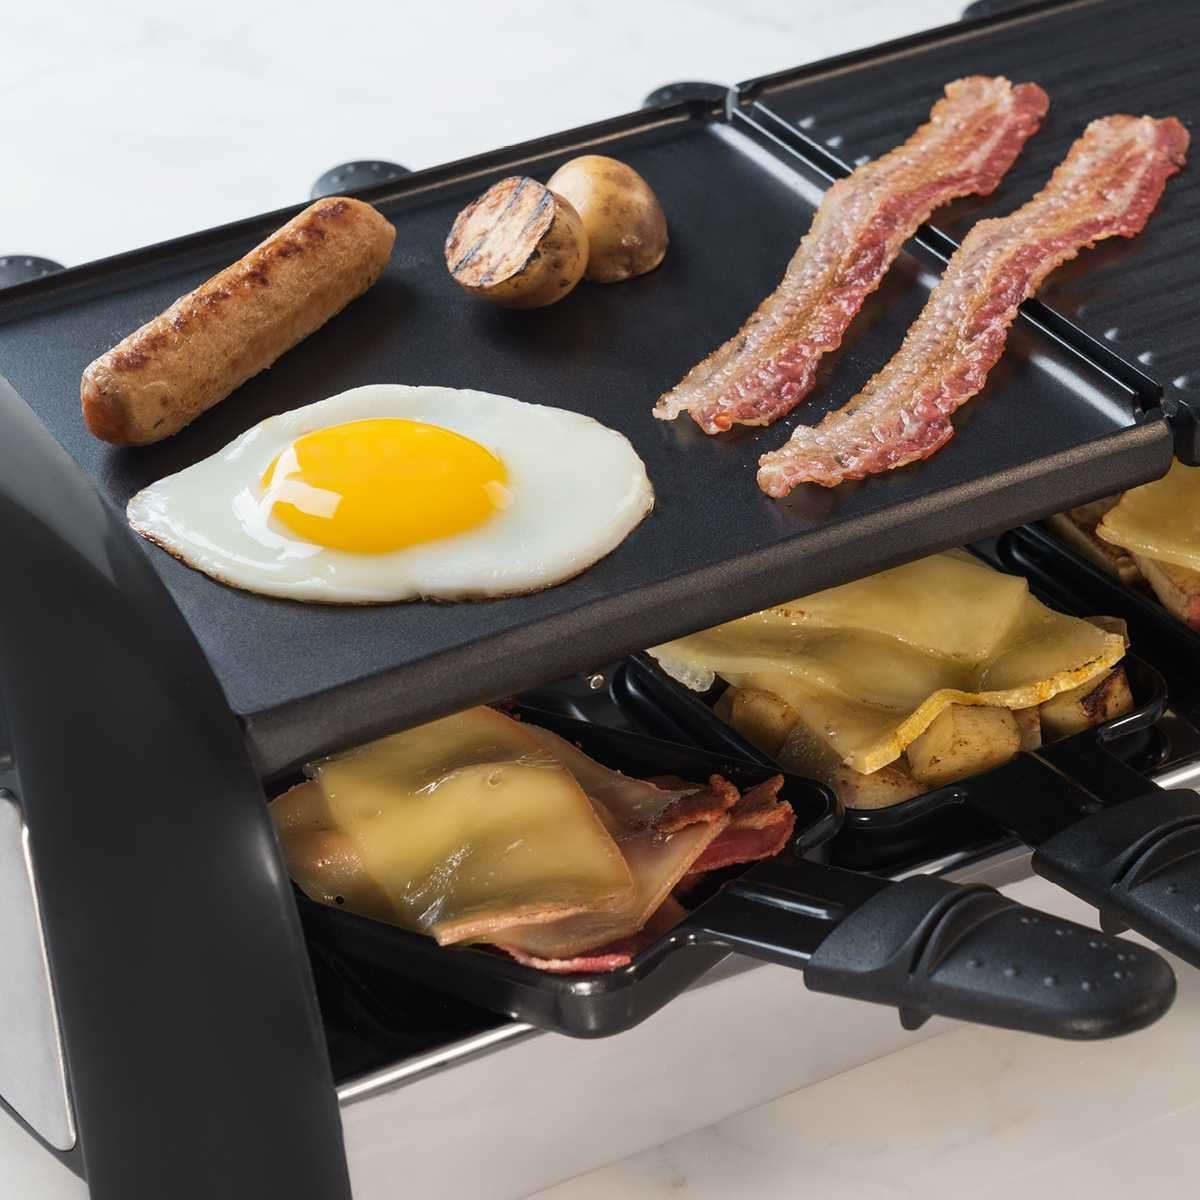 Lecker Essen mit raclette zubereiten